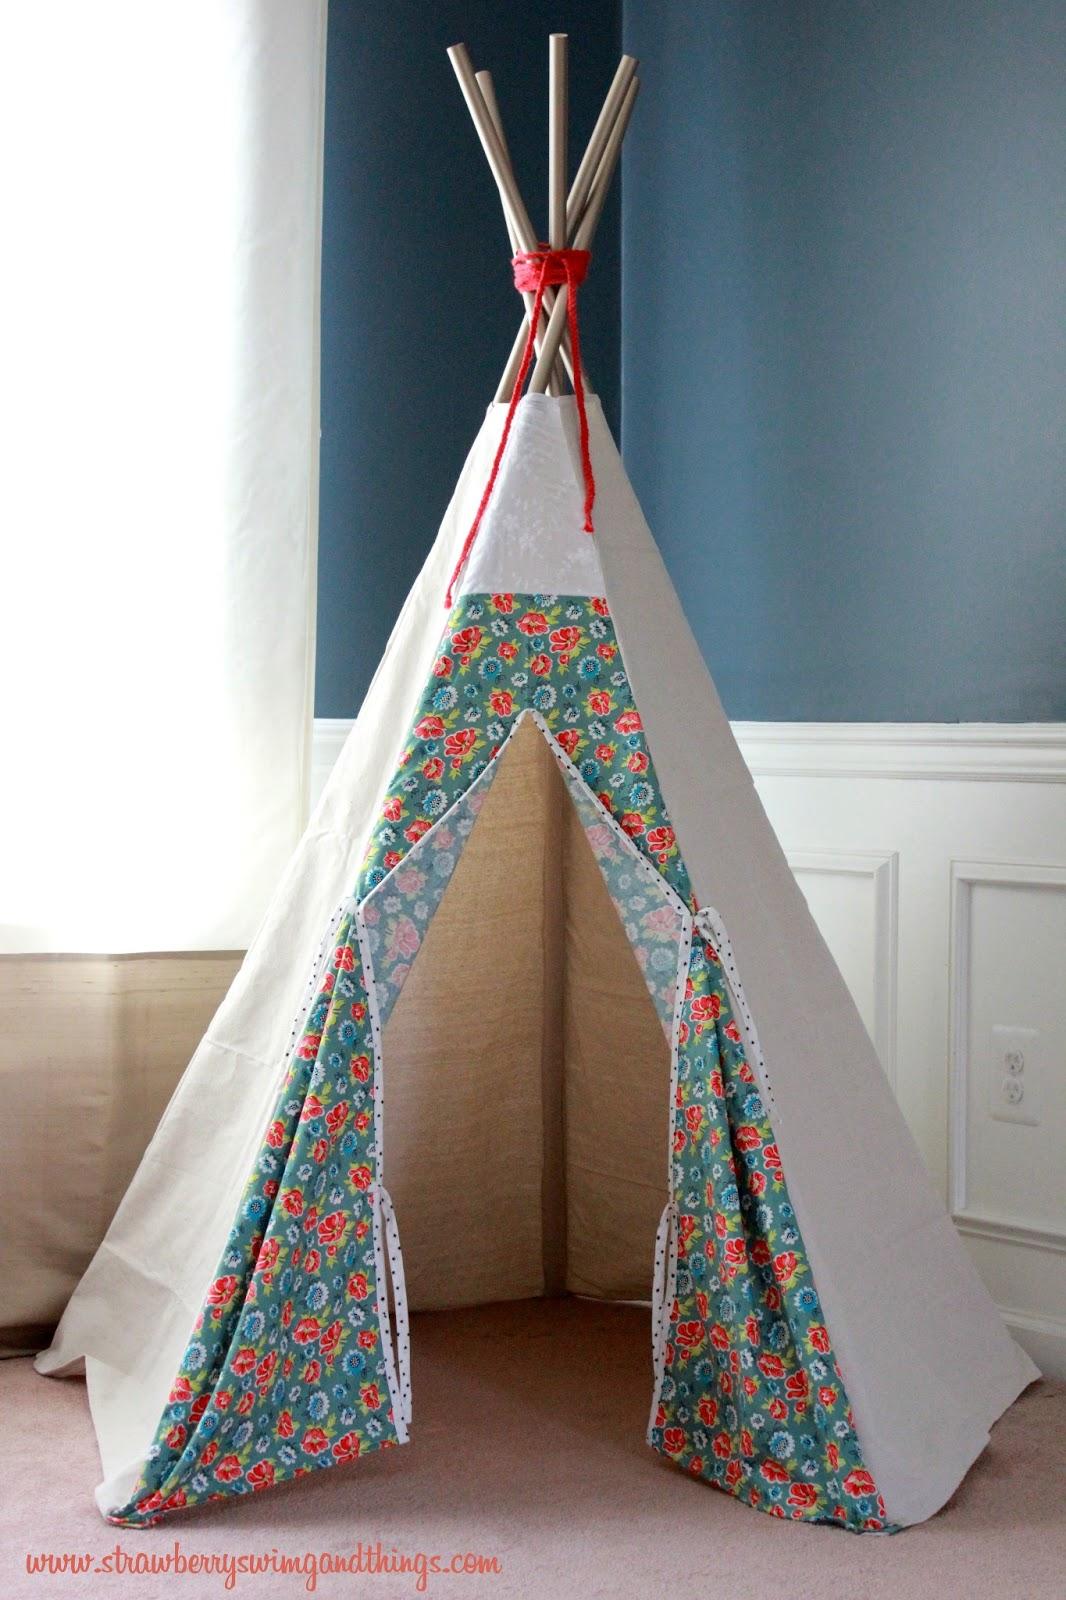 [Sew Fun] DIY Teepee Tutorial & Strawberry Swing and other things: [Sew Fun] DIY Teepee Tutorial